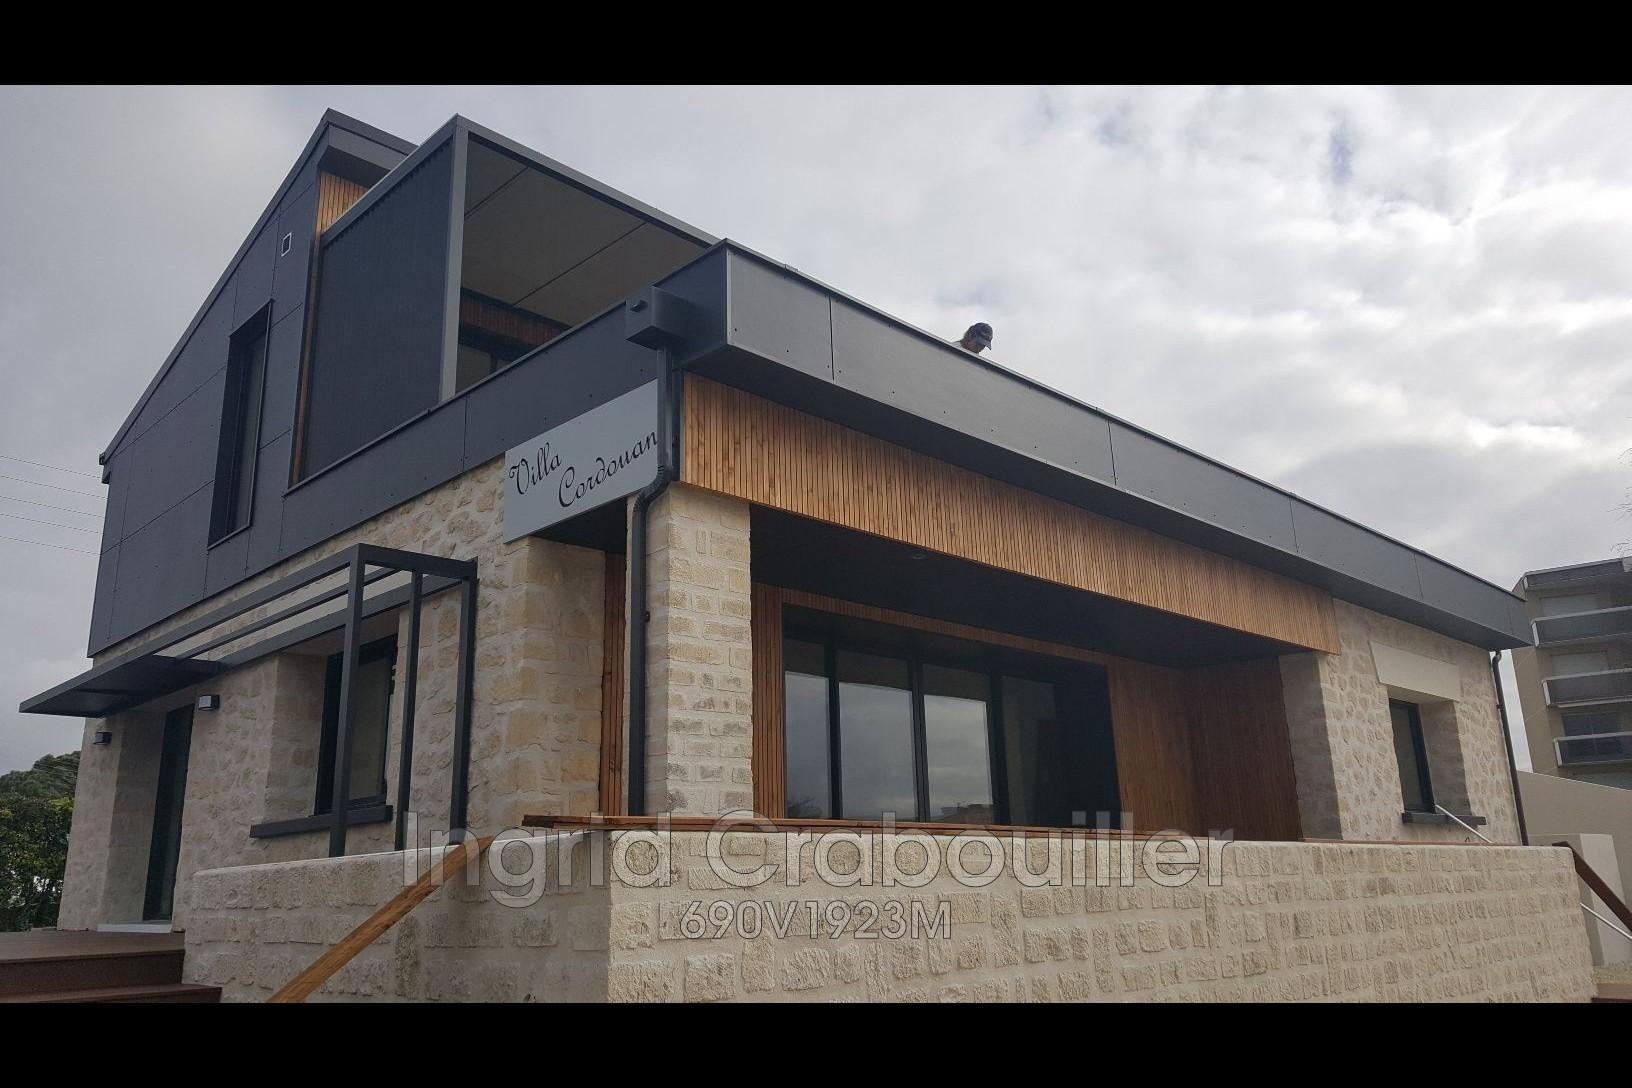 Vente maison contemporaine Vaux-sur-Mer - réf. 690V1923M